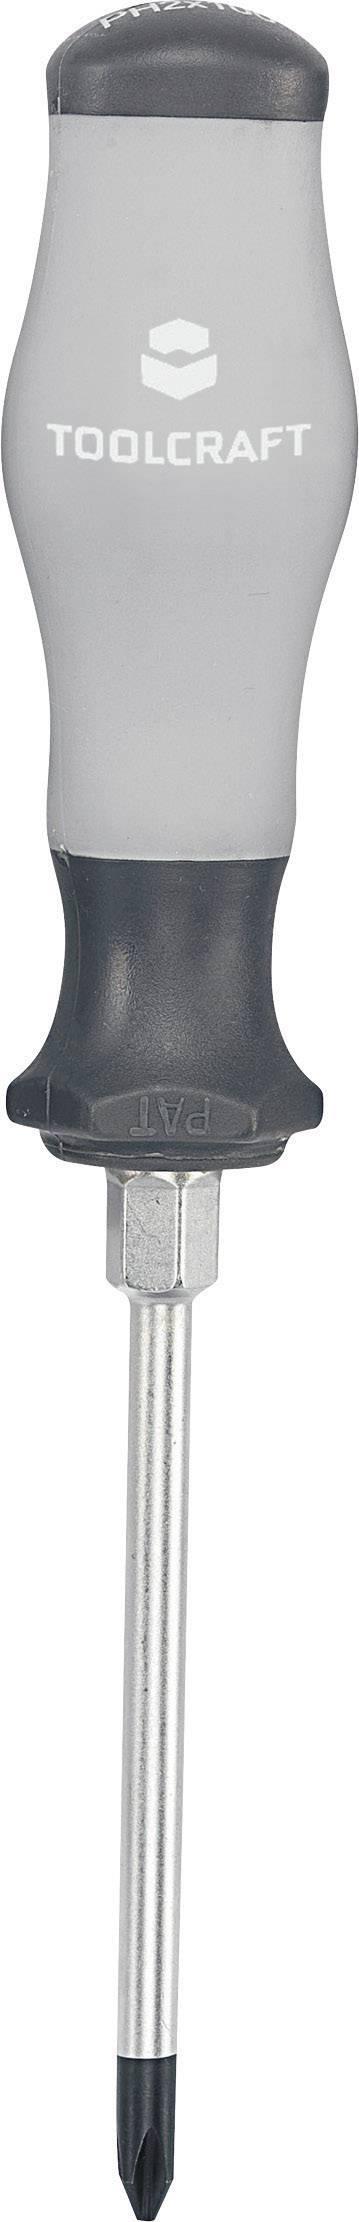 Křížový šroubovák dílna TOOLCRAFT 820740, PH 2, Délka dříku: 100 mm